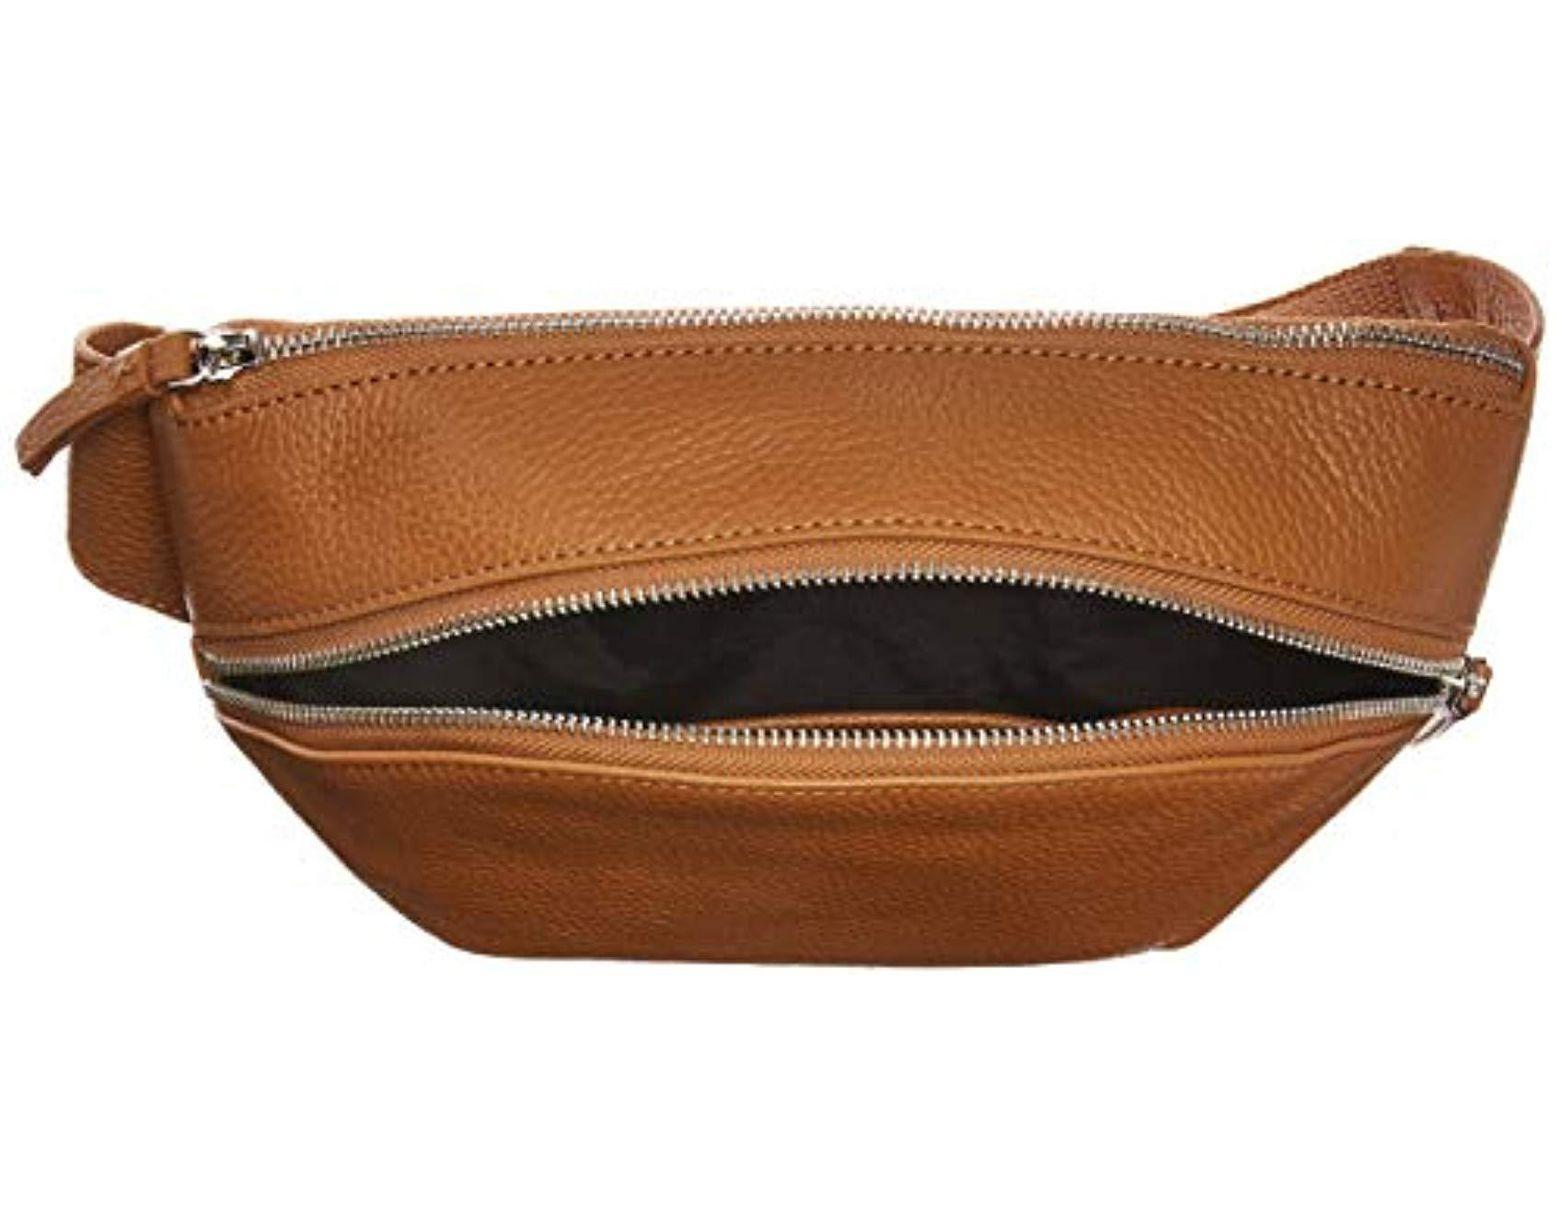 759408fc0ff7 Ecco Sp 3 Sling Bag in Brown - Lyst